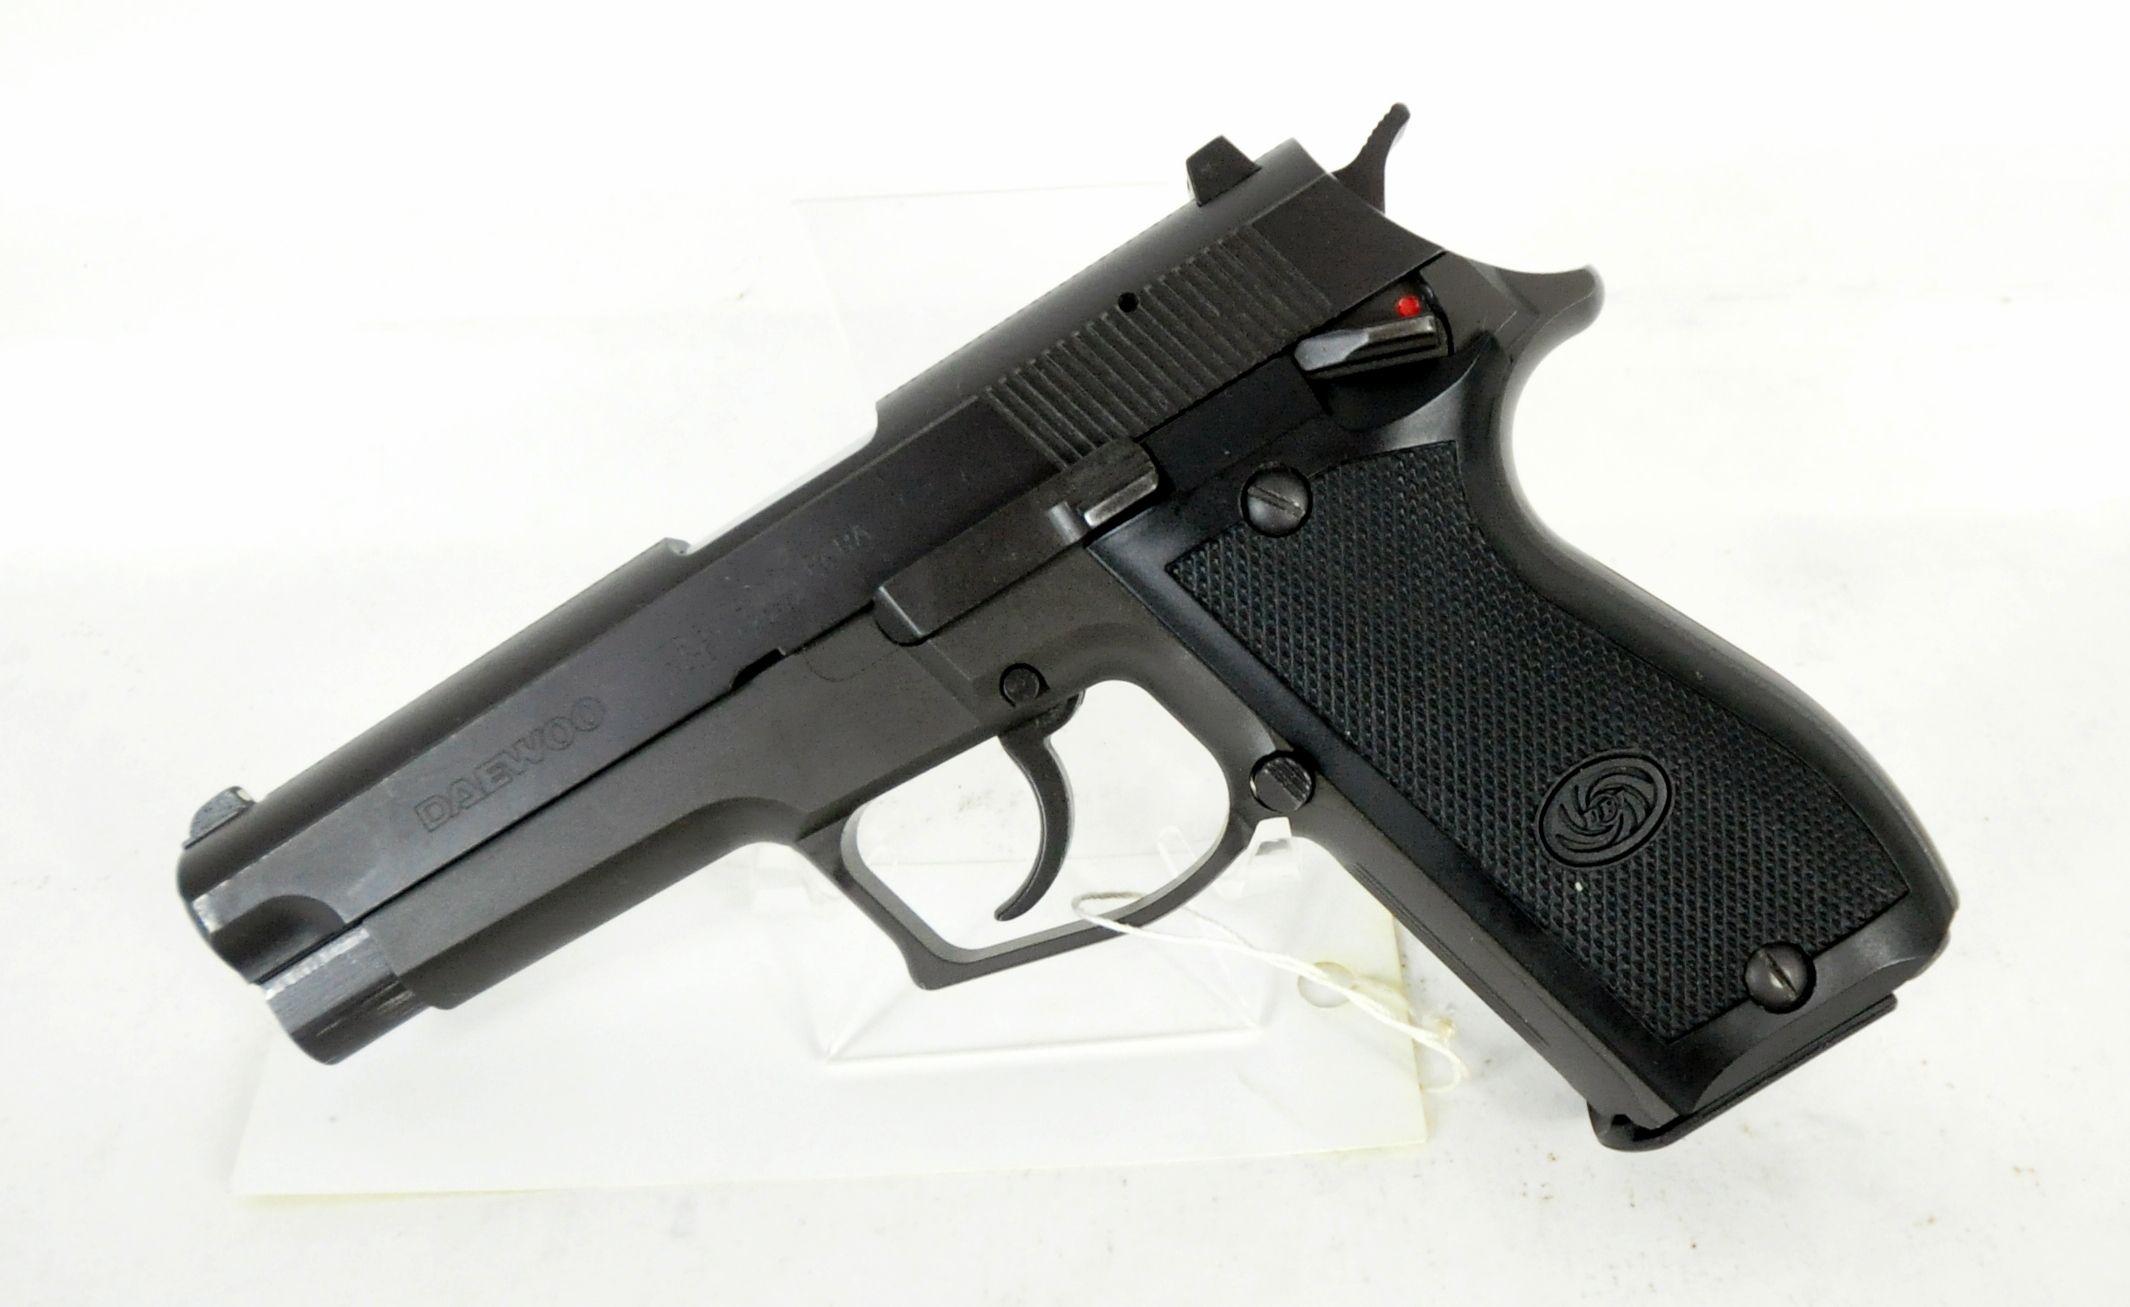 DAEWOO DP51 9mm 4